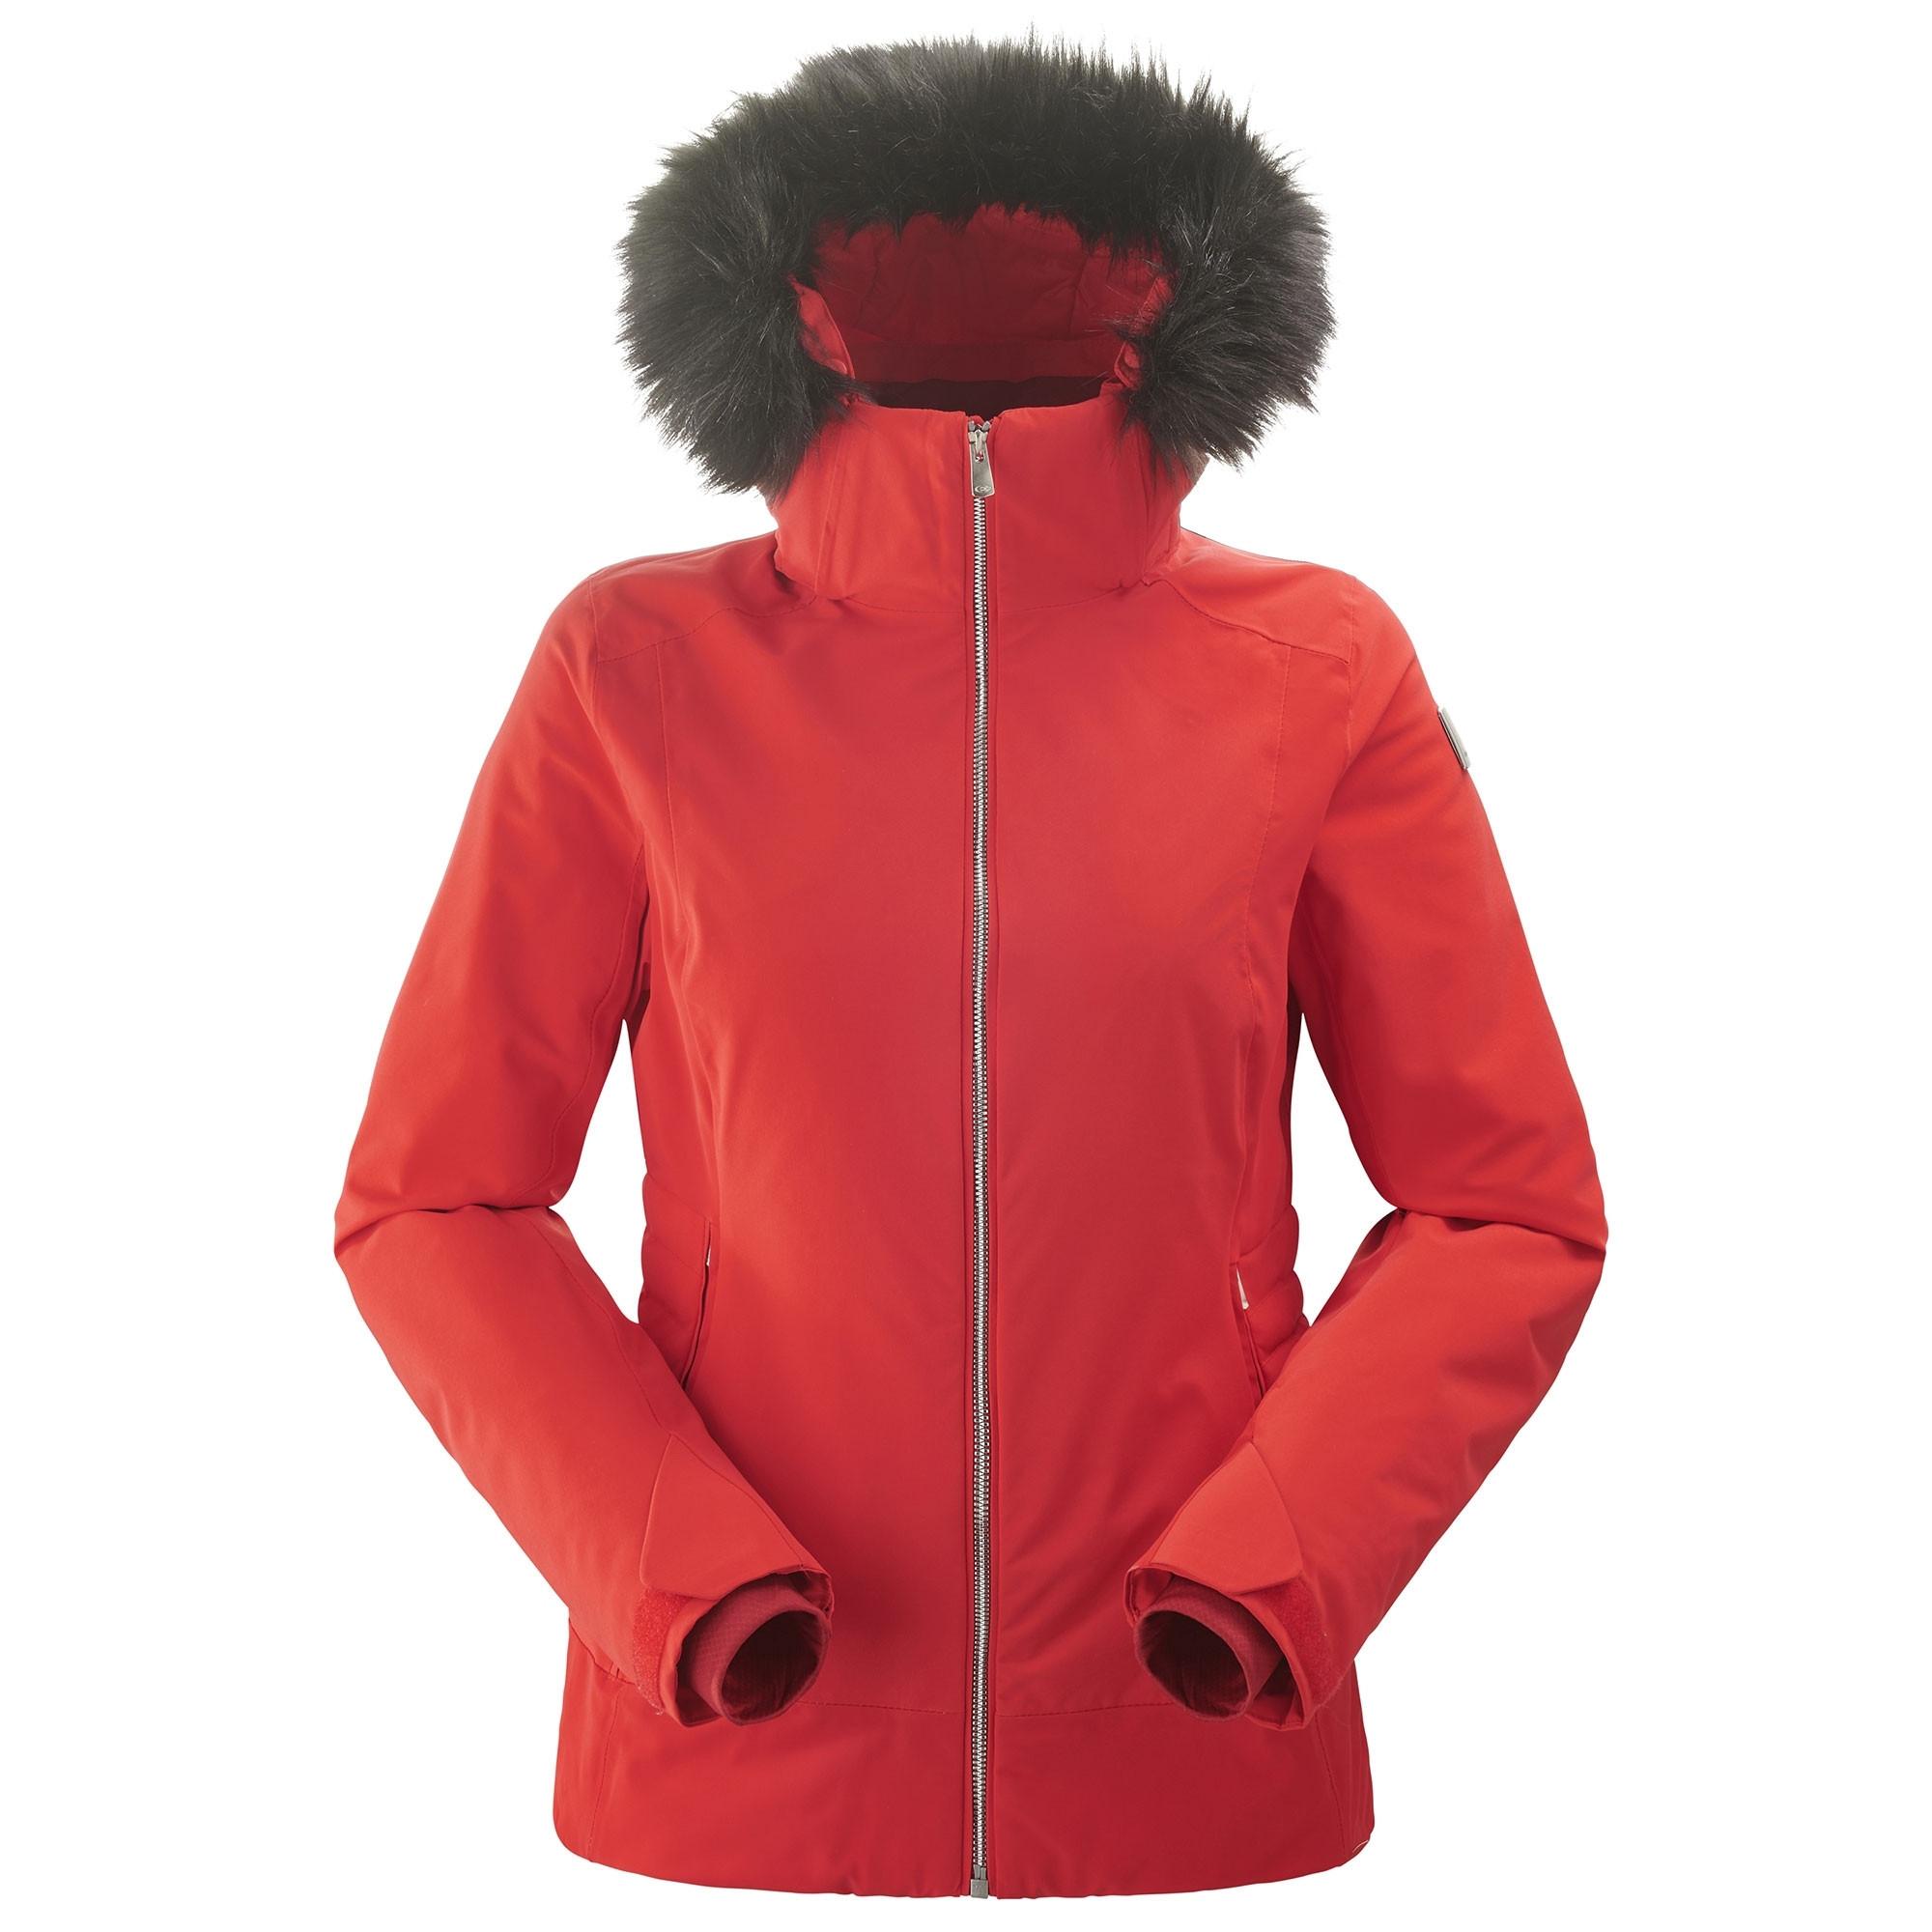 en soldes e85cb b83be Veste De Ski Eider Squaw Valley Fur 2.0 Rouge Femme